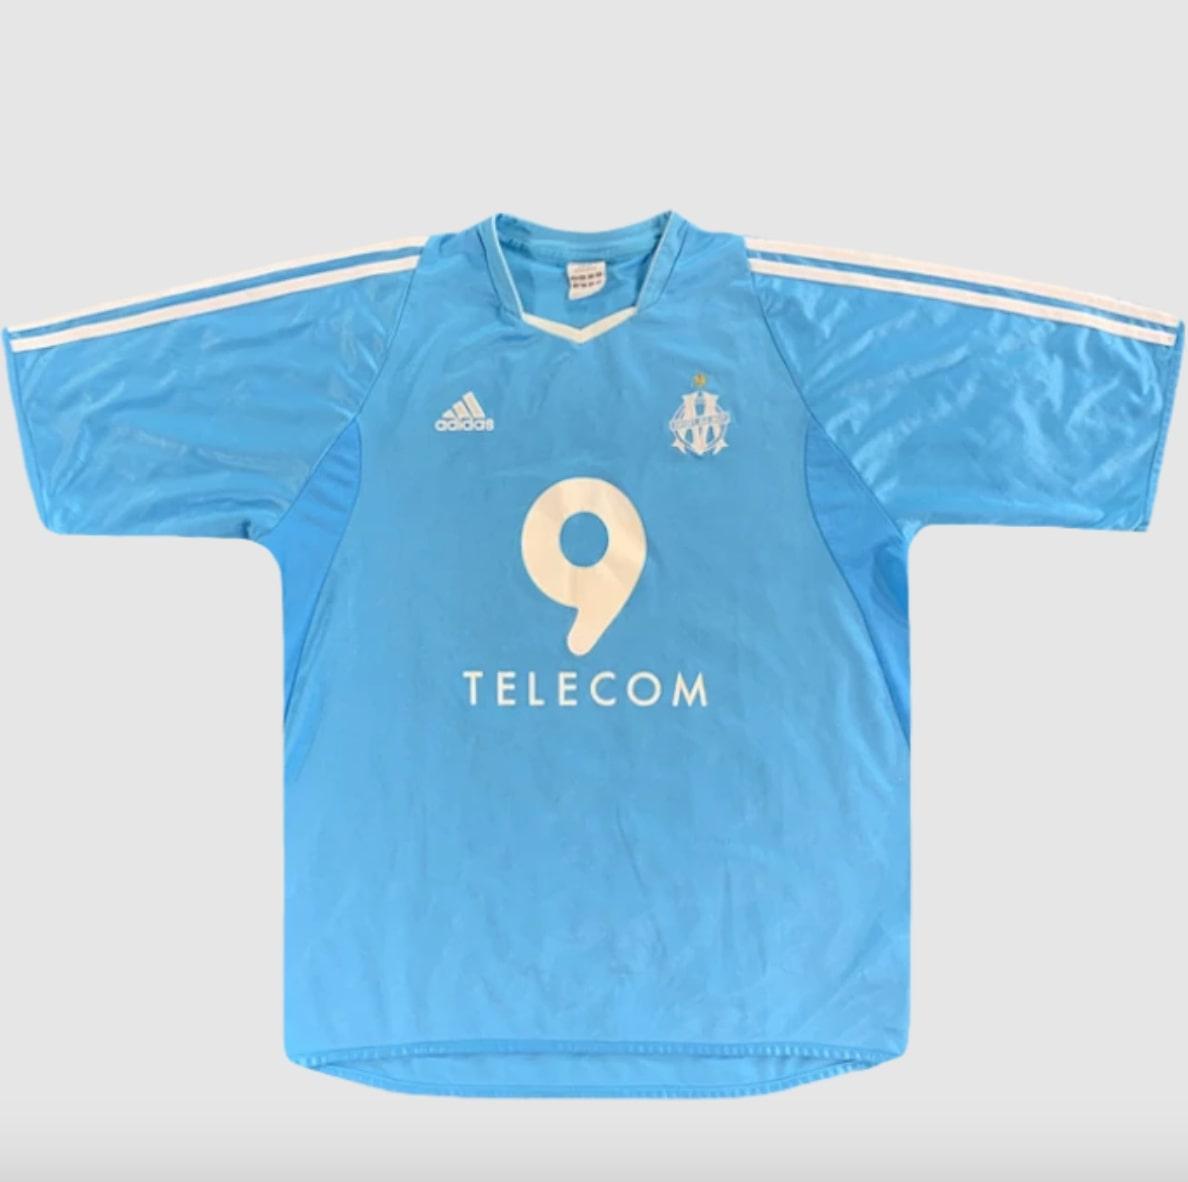 maillot-om-2003-2004-3